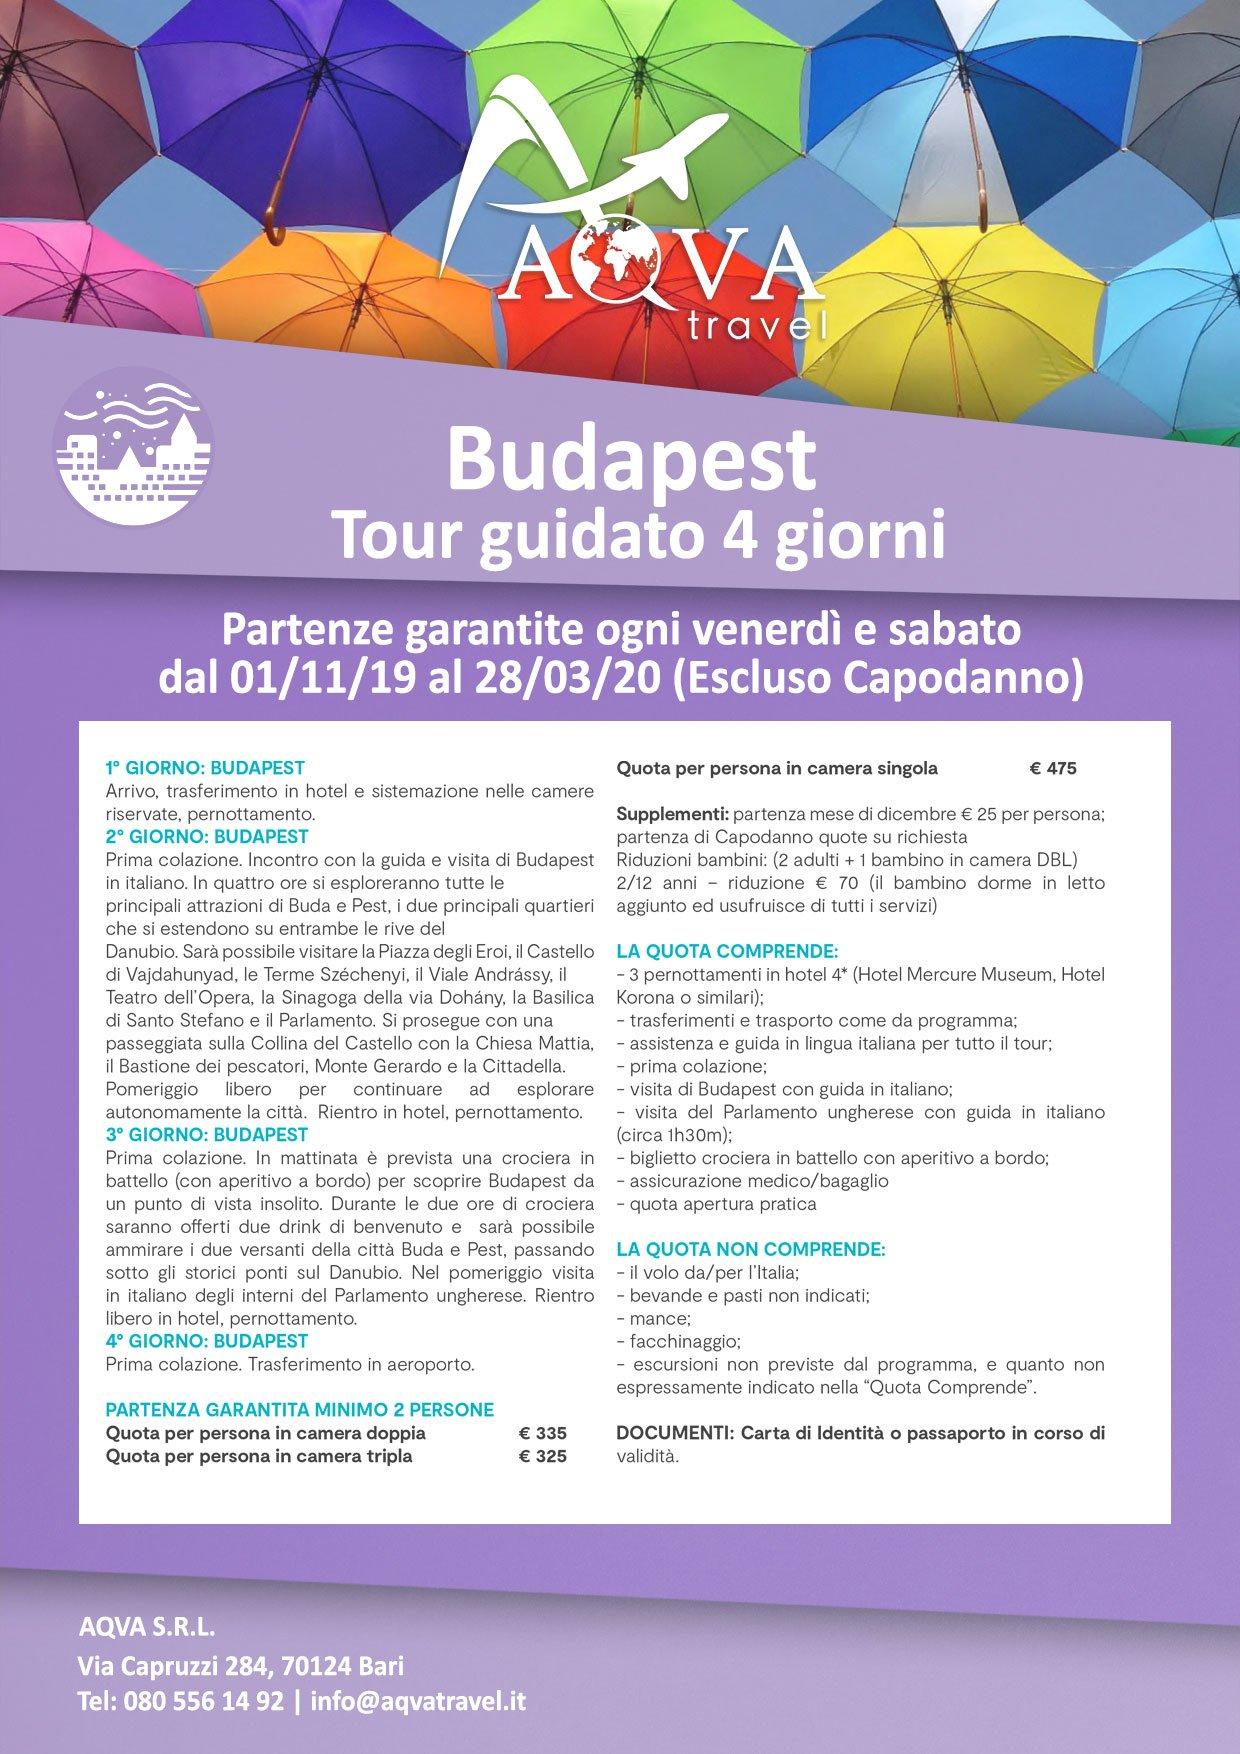 Budapest-Tour-guidato-4-giorni-Partenze-garantite-ogni-venerdì-e-sabato-CITTà-offerte-agenzia-di-viaggi-Bari-AQVATRAVEL-it